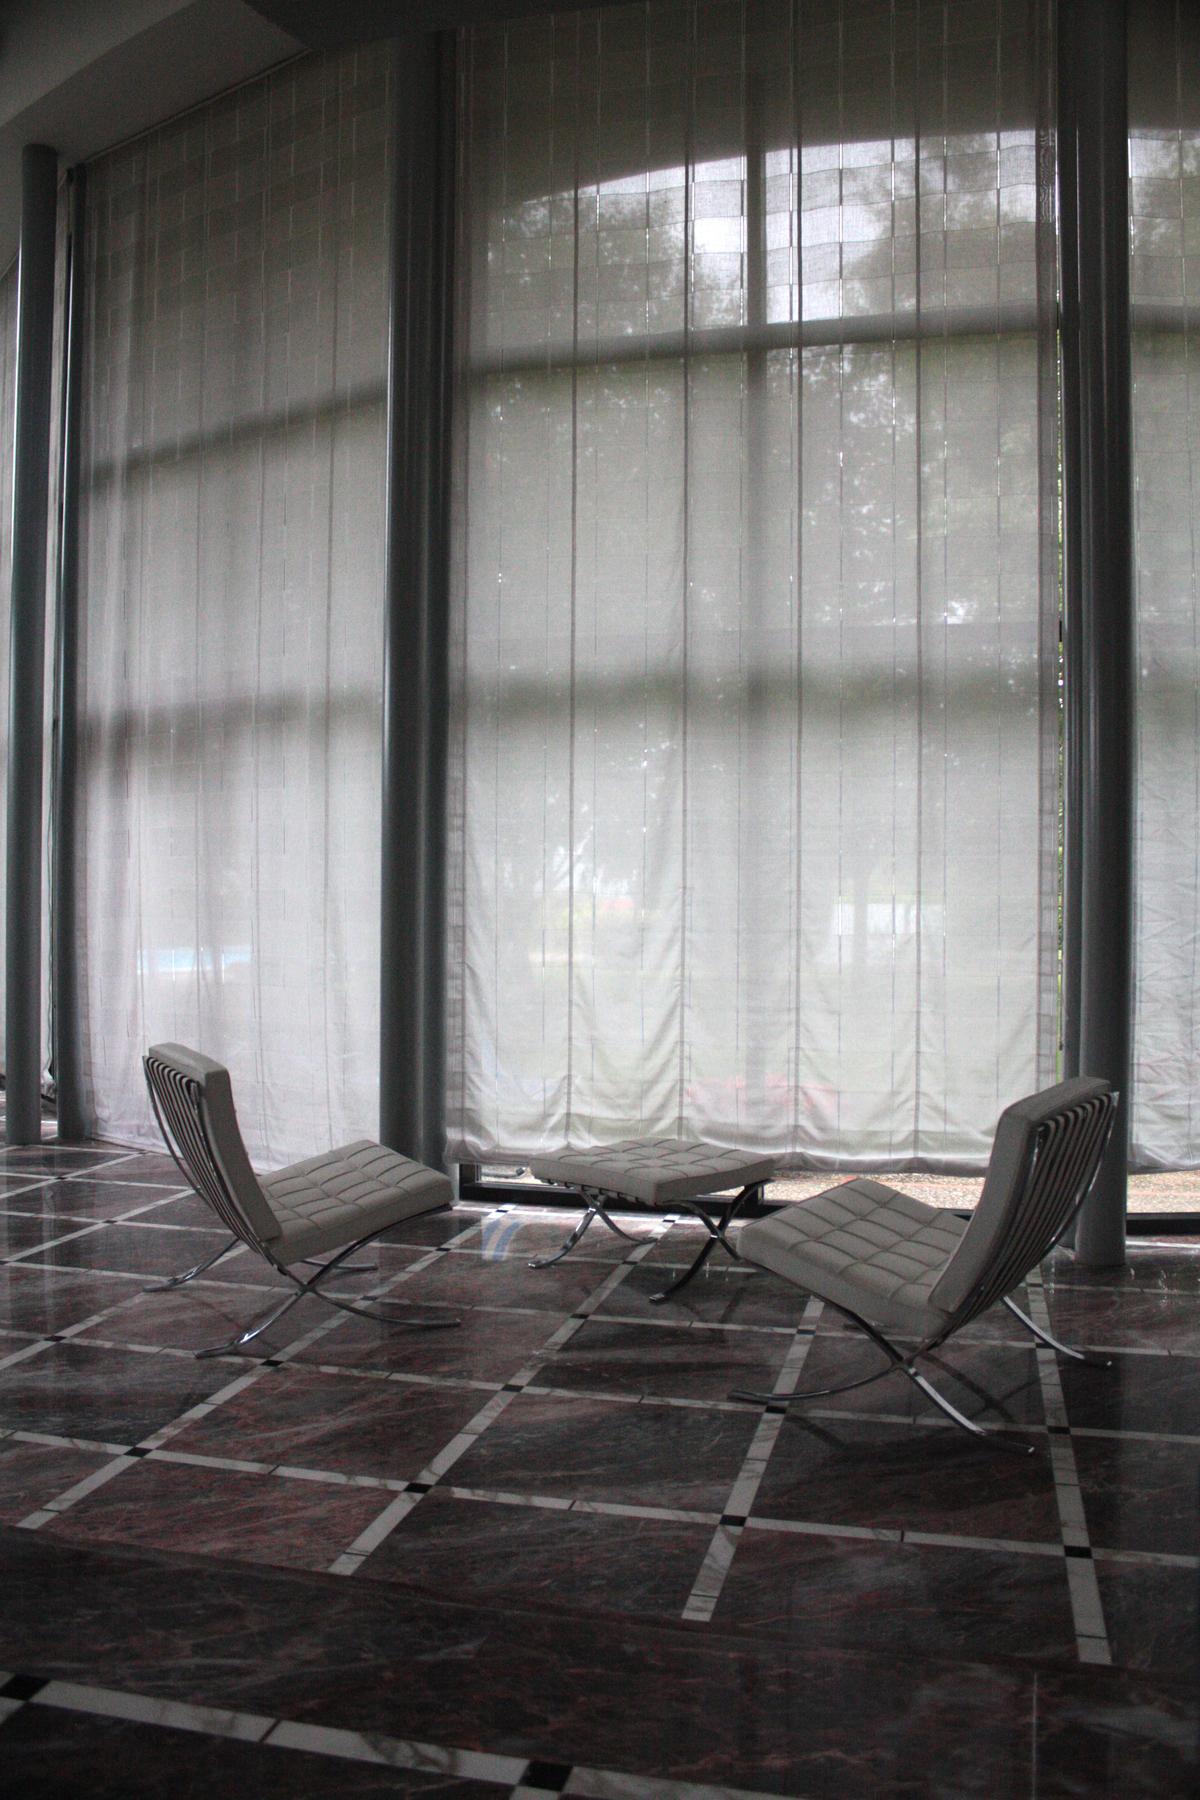 Solopaca, Italy_Interiore della Casa Rossi by Franco Possemato